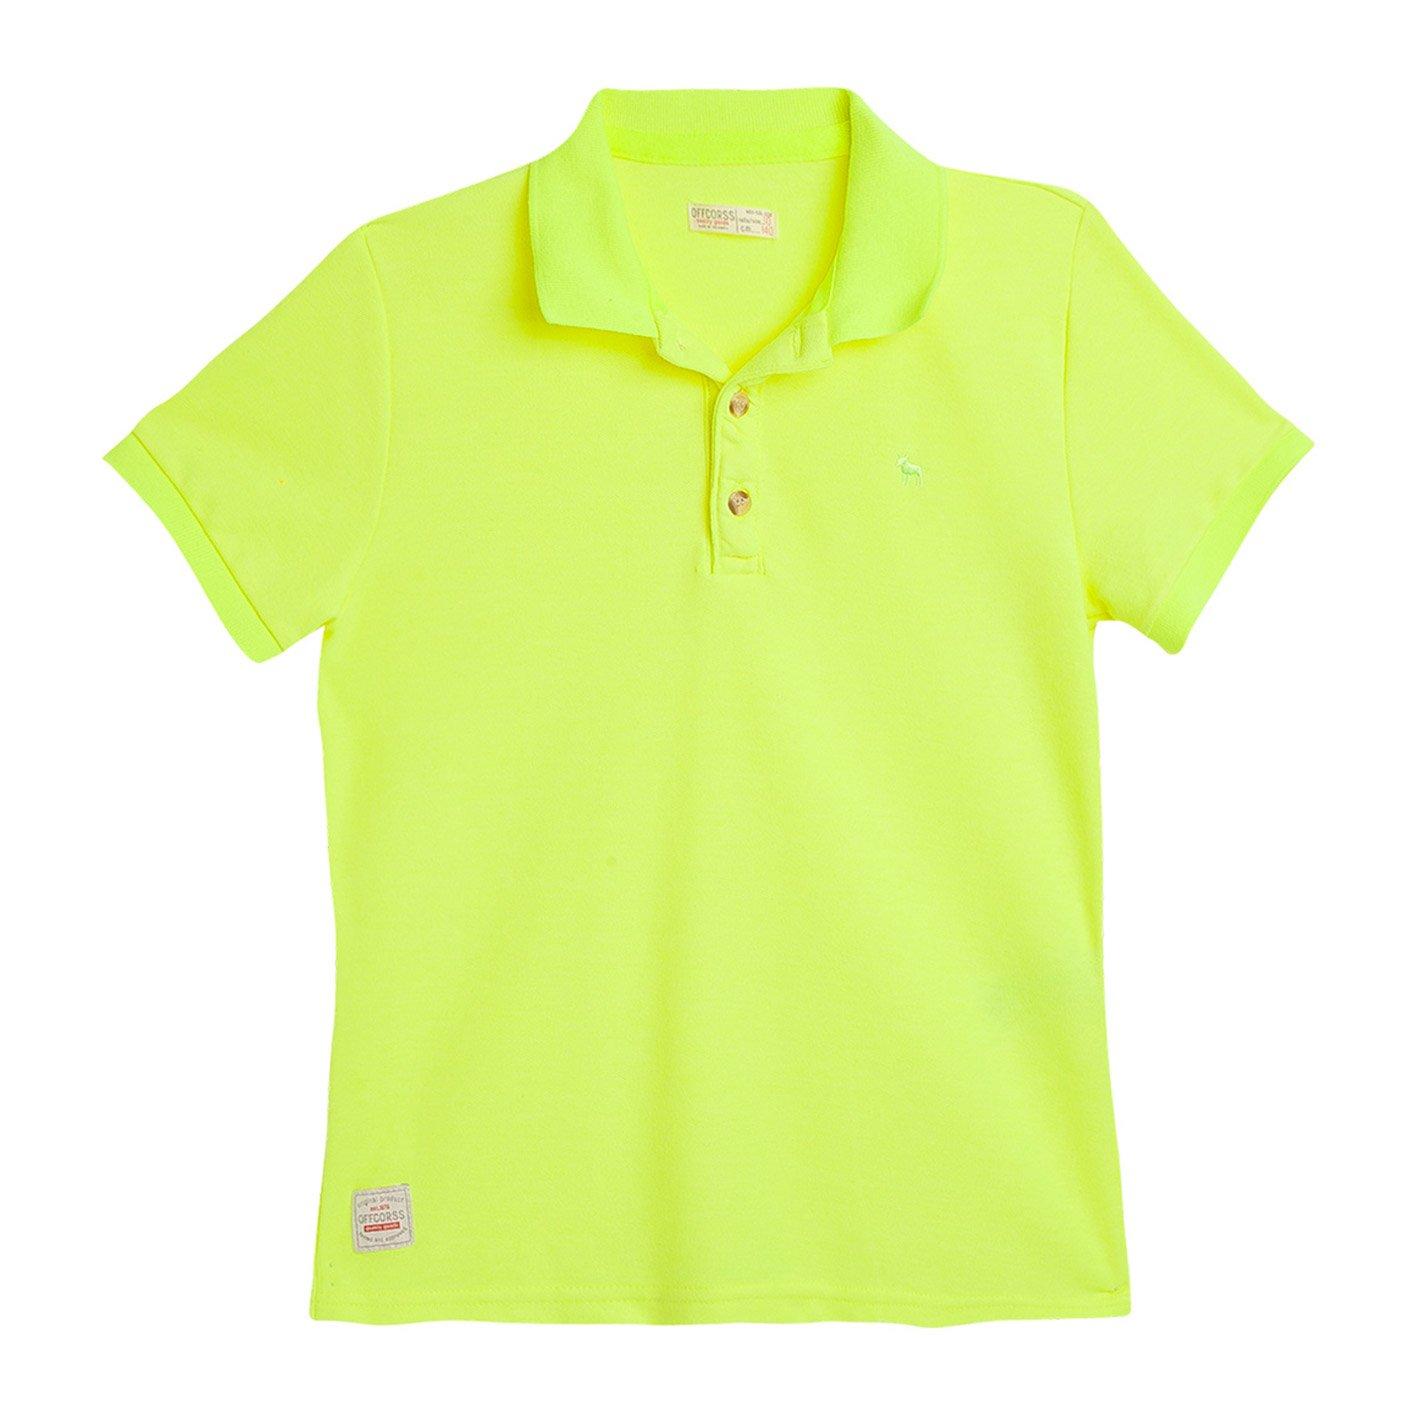 Galleon - OFFCORSS Cotton Polo Shirts For Teen Boys Camisetas Tipo Polo De  Niño Yellow 12 883ce75f701d2